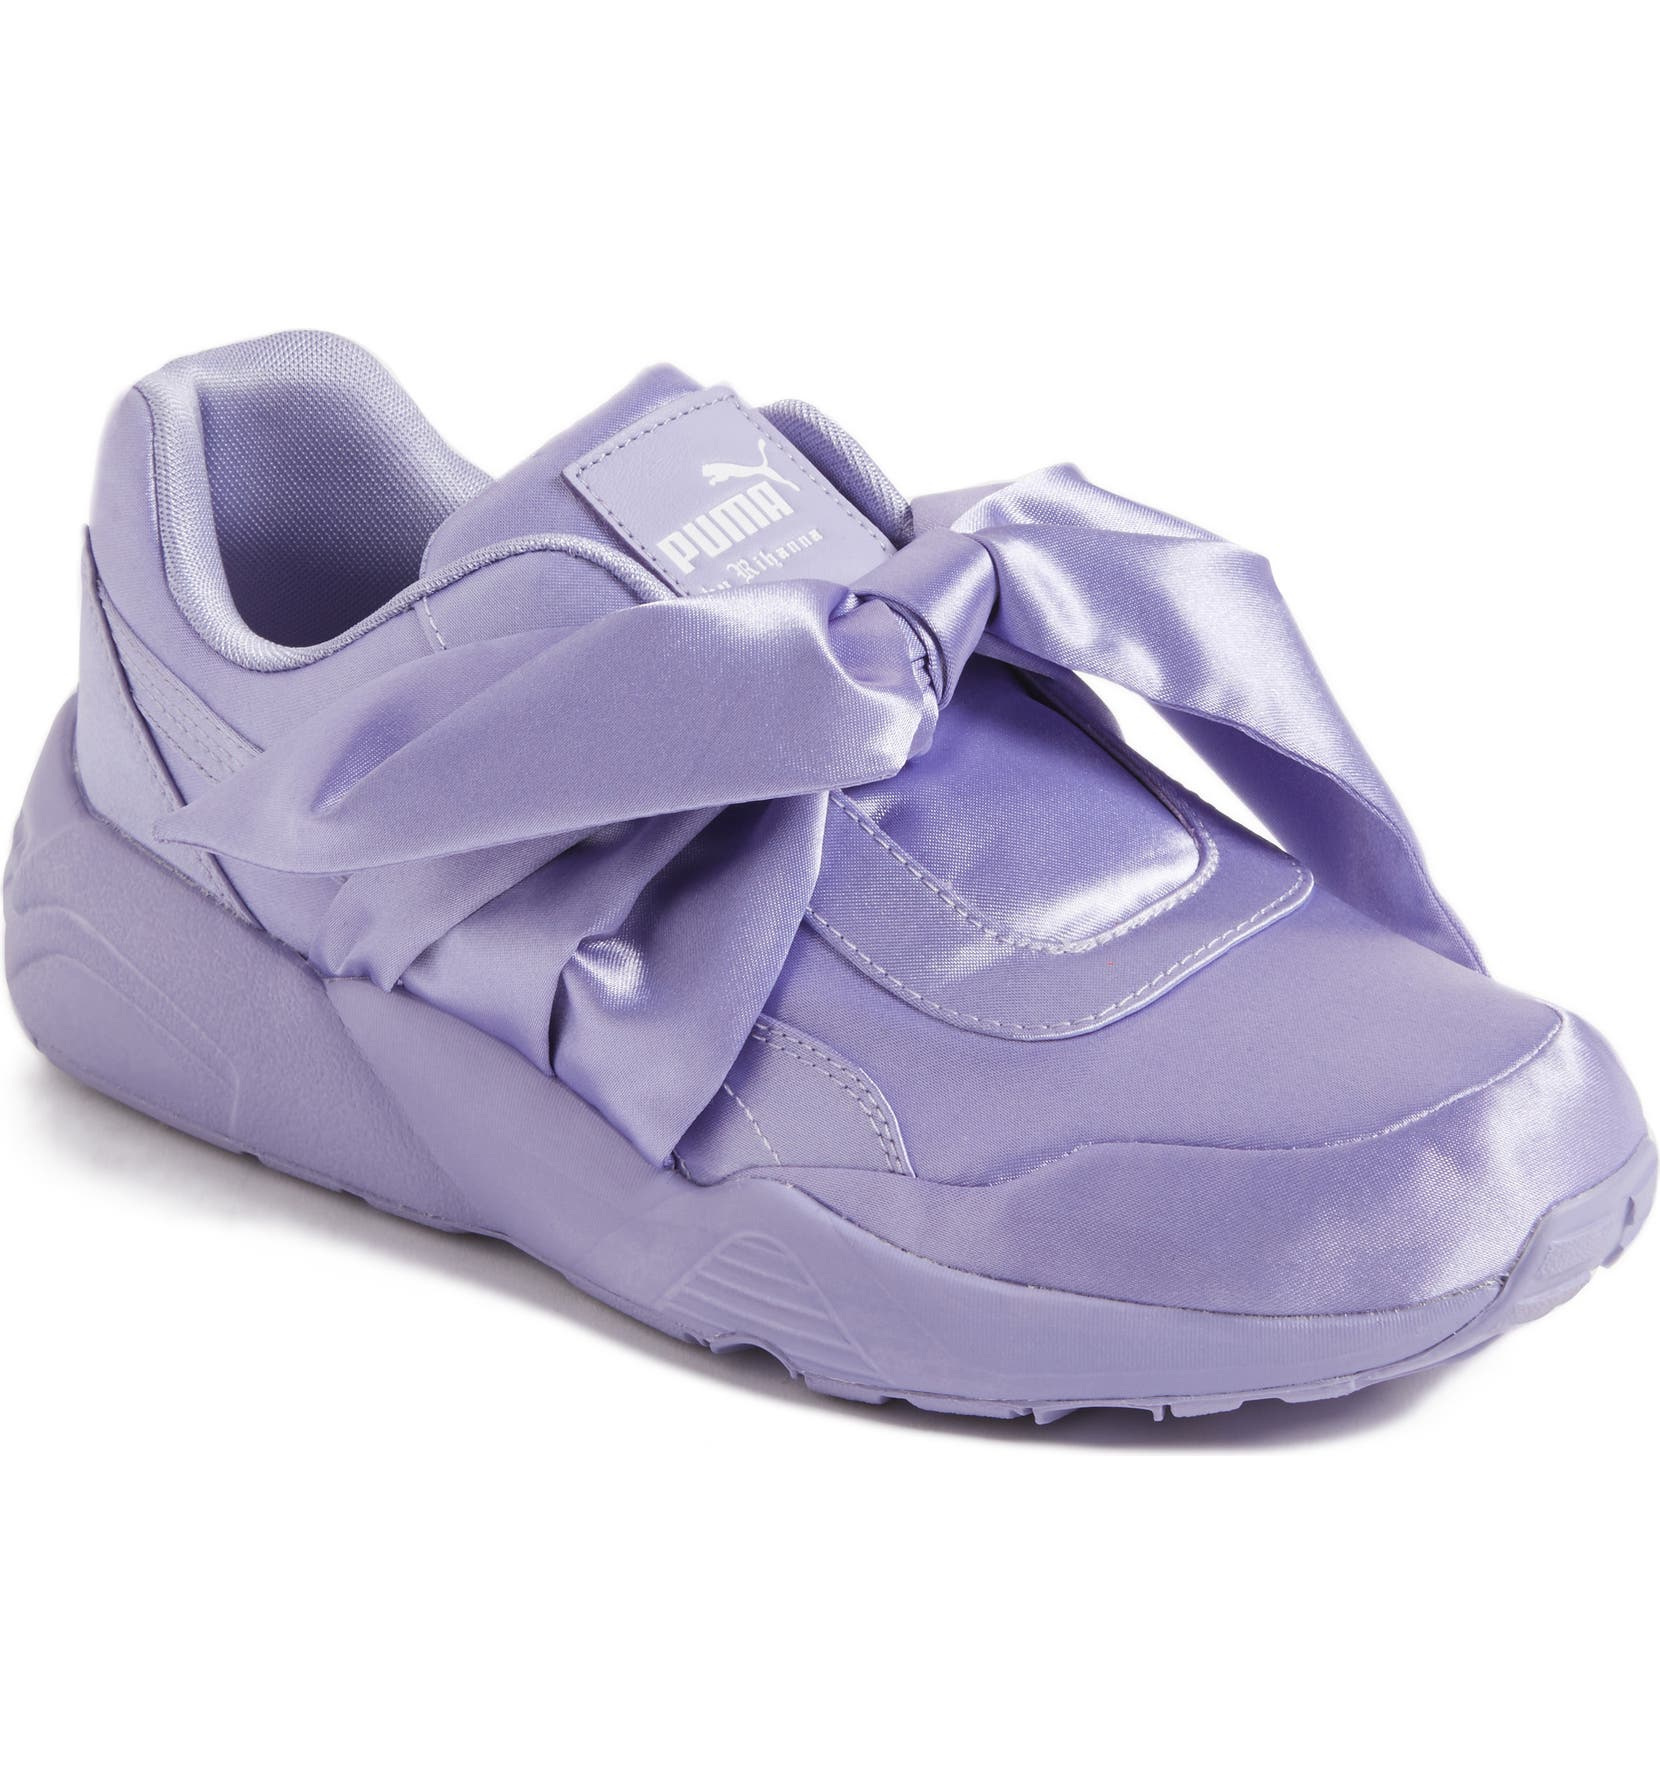 9c9918651cb5a8 FENTY PUMA by Rihanna Bow Sneaker (Women)